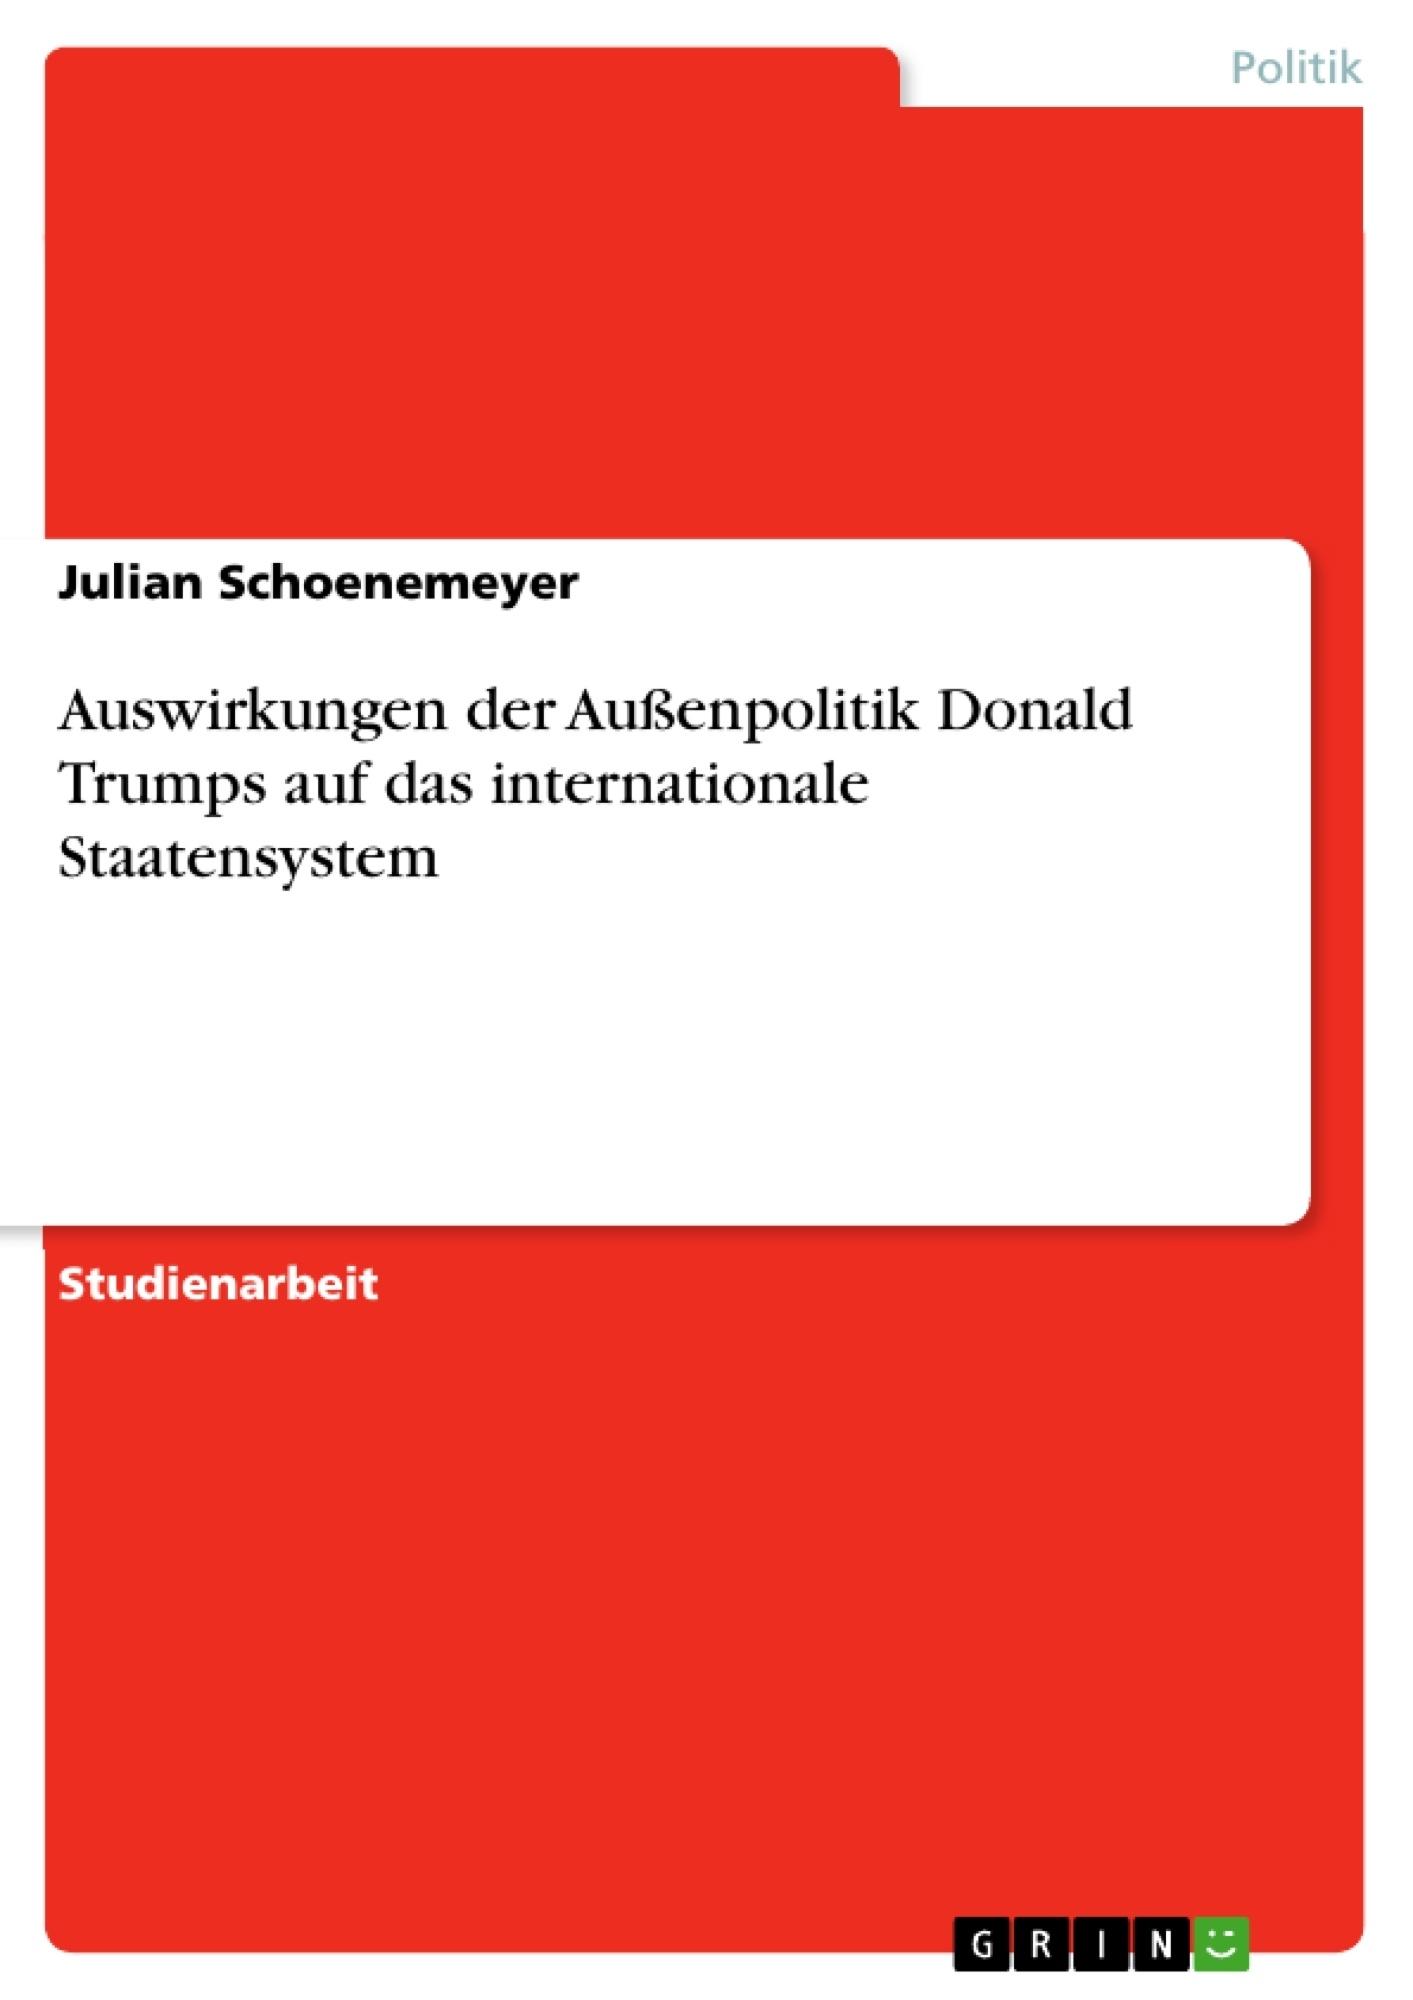 Titel: Auswirkungen der Außenpolitik Donald Trumps auf das internationale Staatensystem